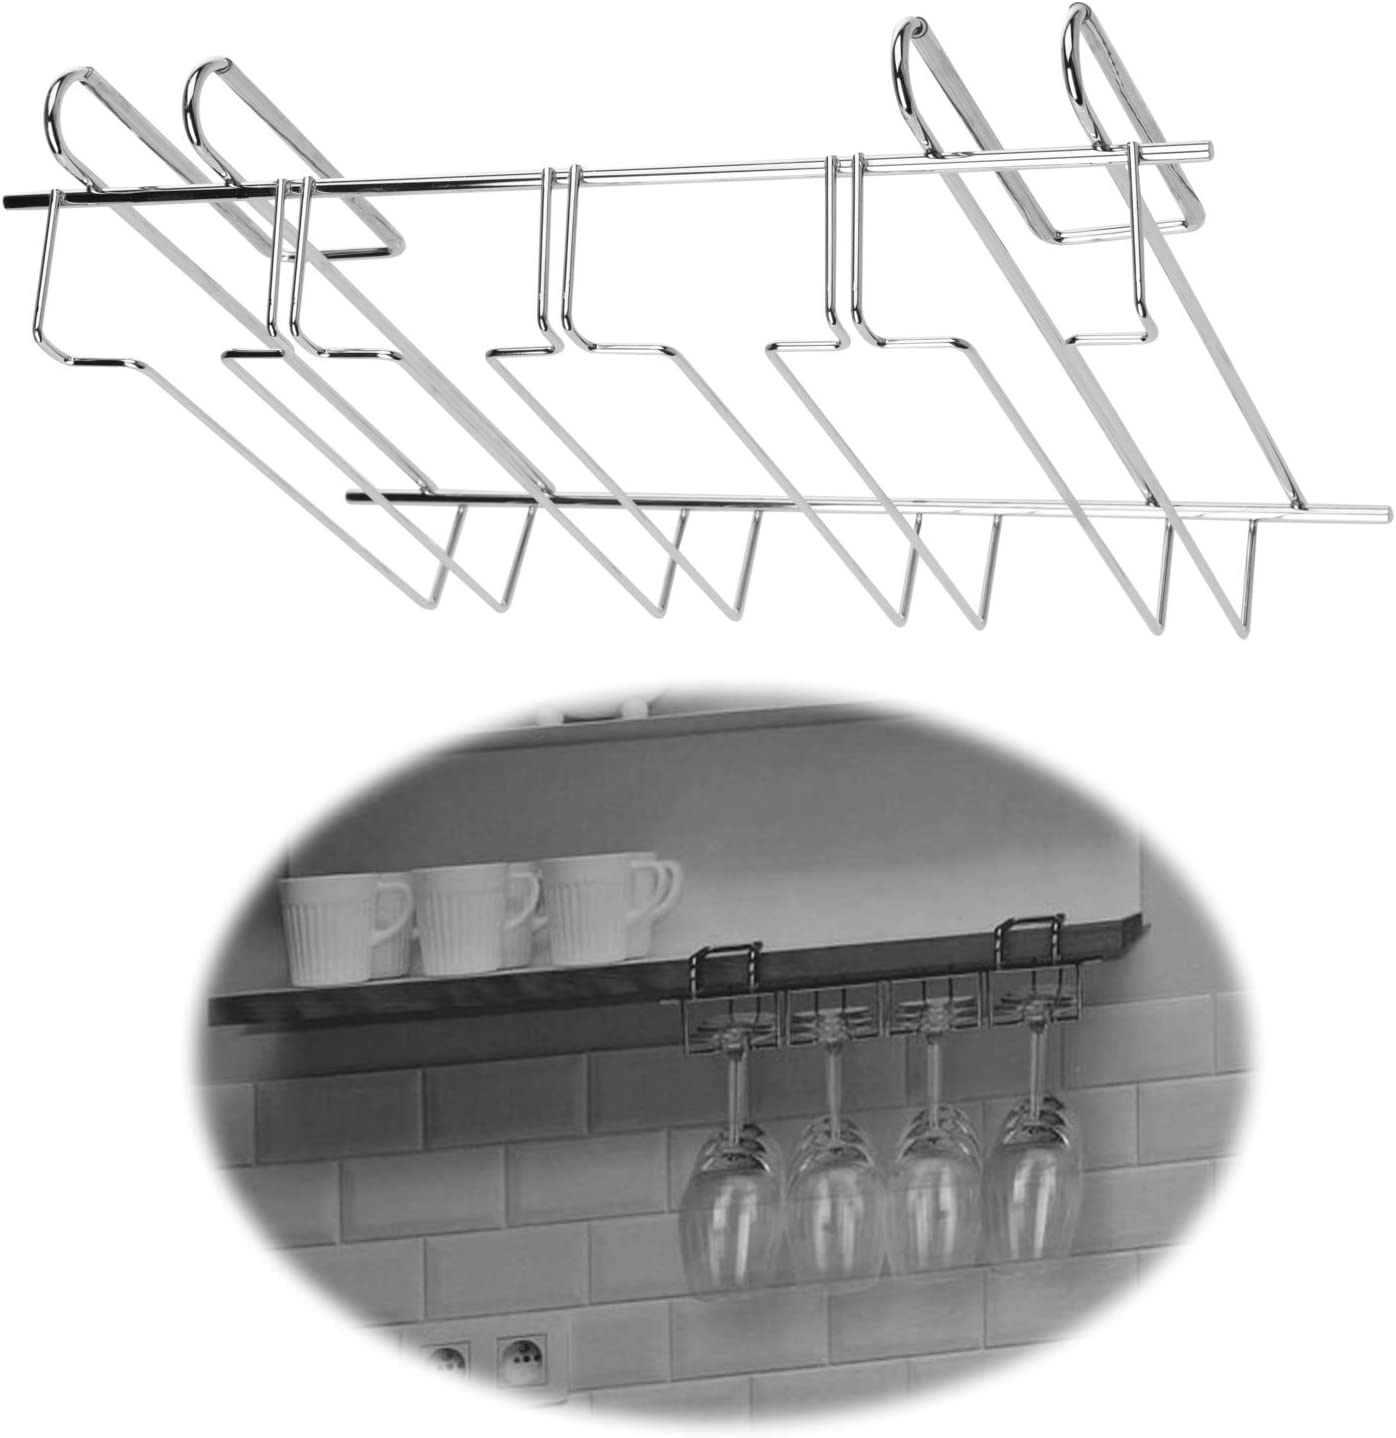 LS de Estilo de Vida 4 Compartimento Carriles Vasos de Plana 34 cm para 12 Copas de champán Copas de Vino: Amazon.es: Juguetes y juegos